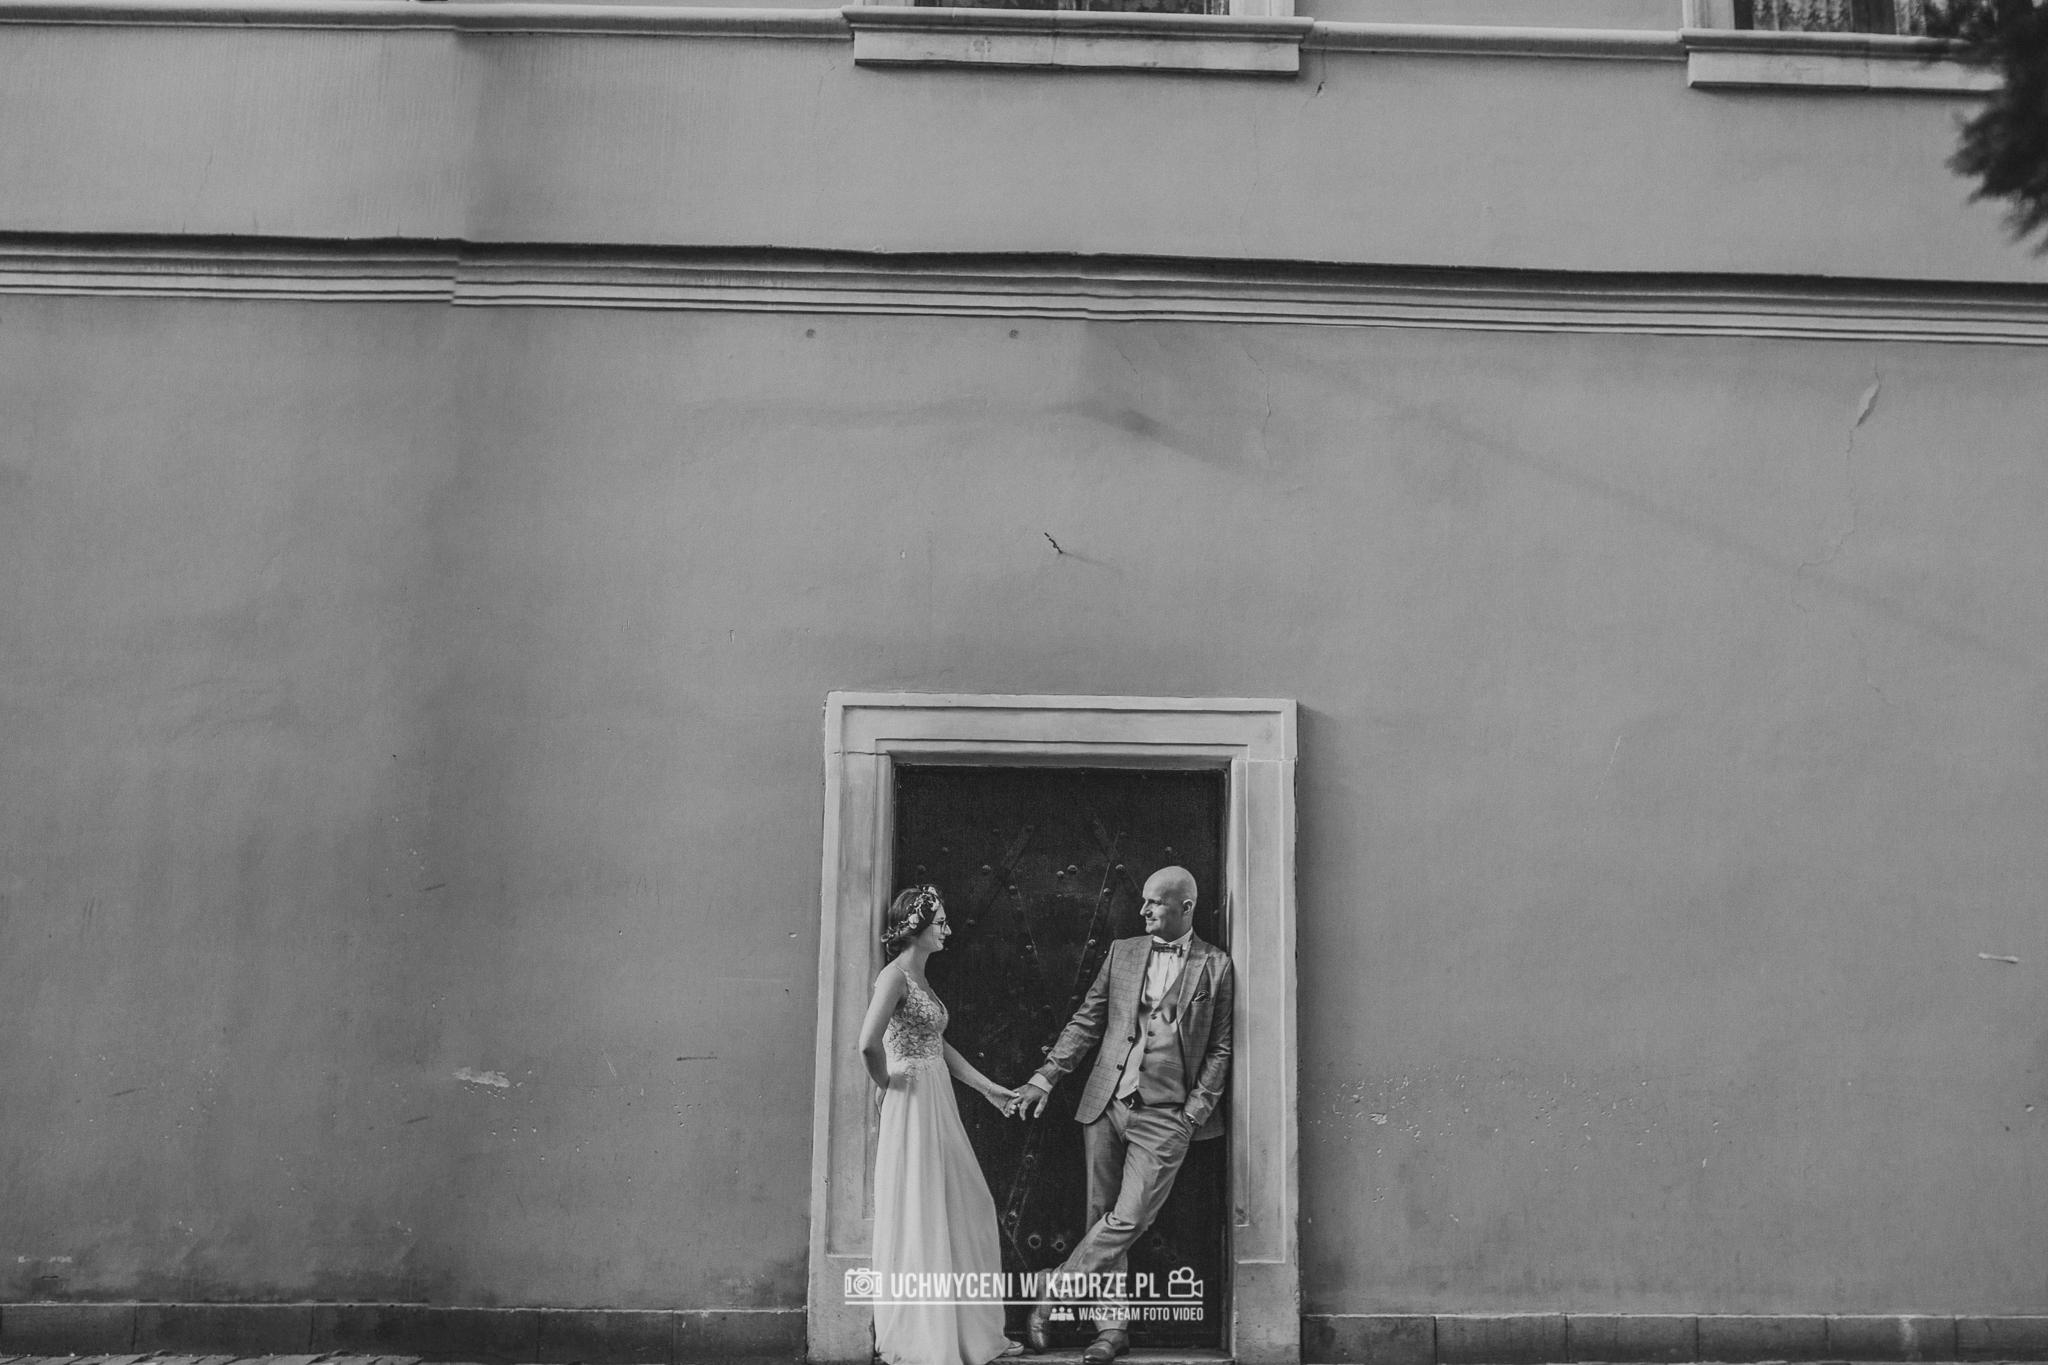 Iza Bartek Sesja slubna Zamosc 64 - Sesja Ślubna - Zamość | Iza & Bartek